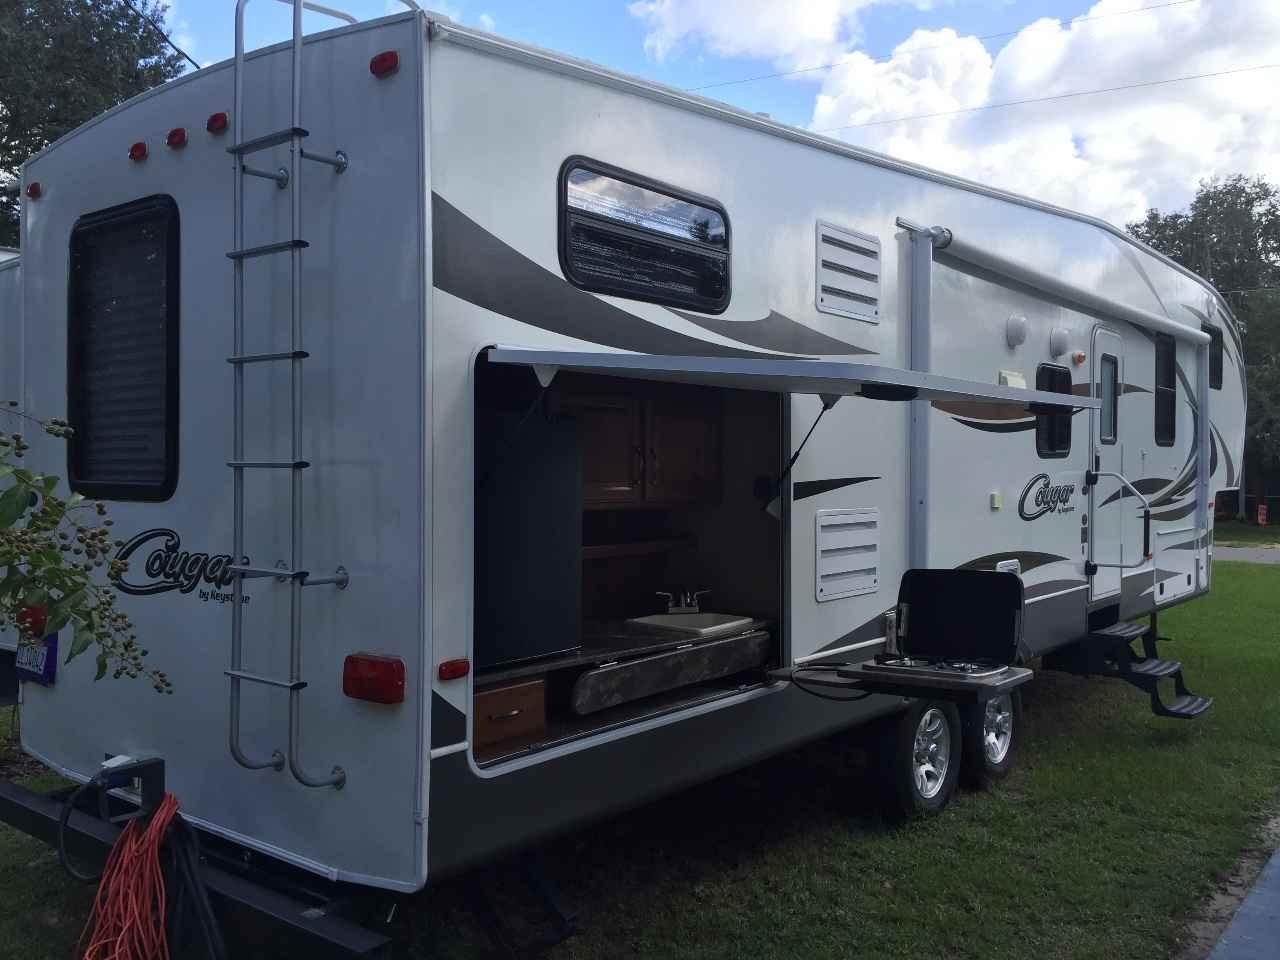 2014 Used Keystone Cougar 330rbk Fifth Wheel In Florida Fl